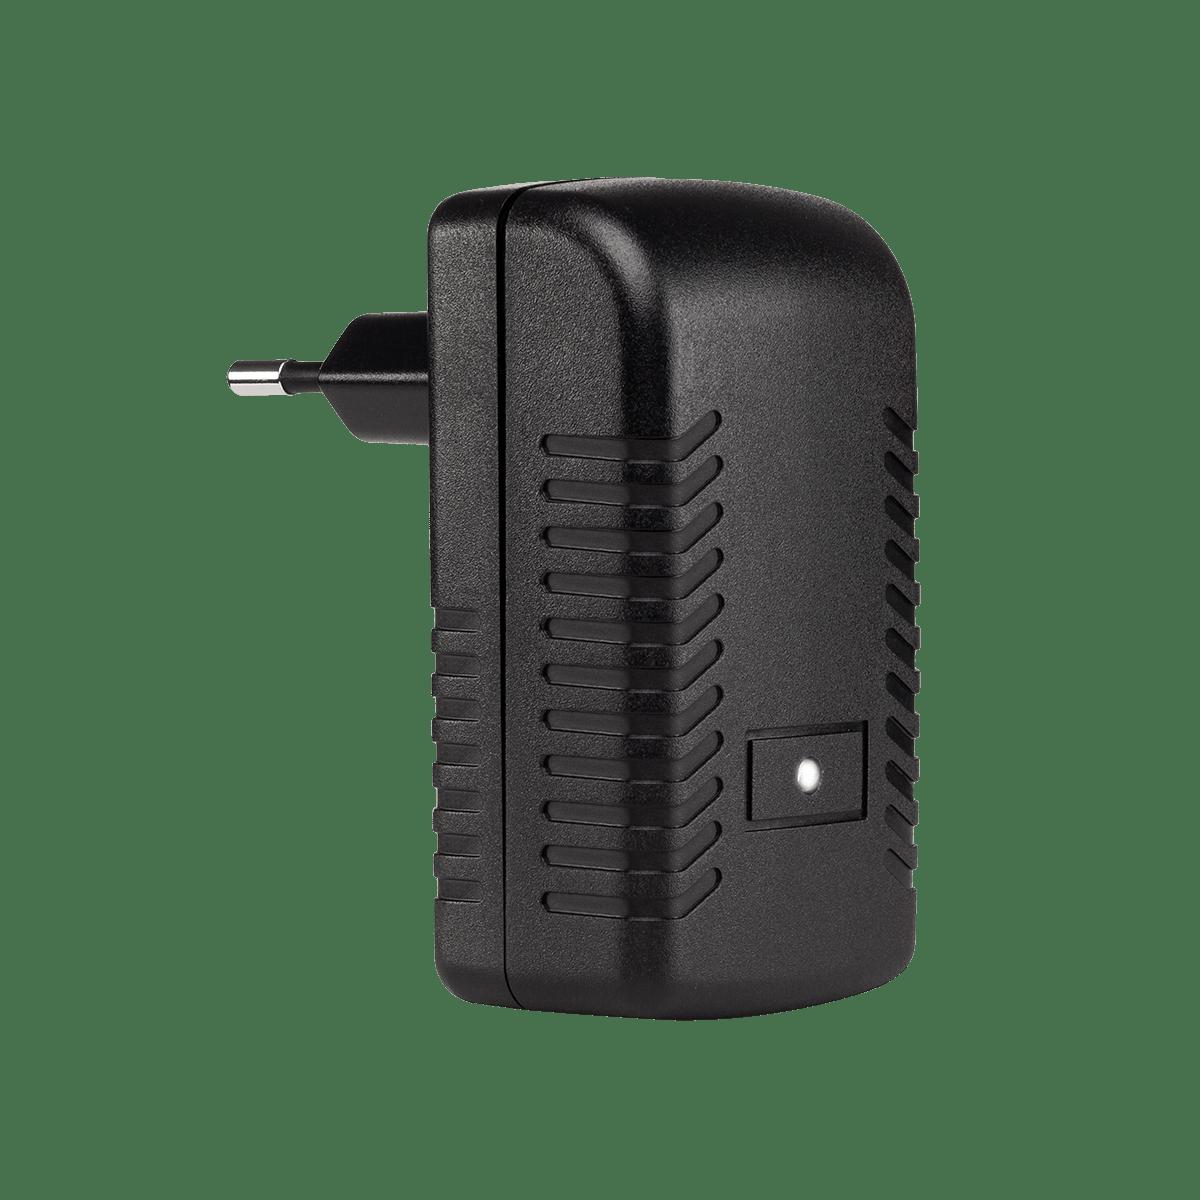 Injetor Conversor Intelbras PoE Passivo Fast Ethernet AF 4805